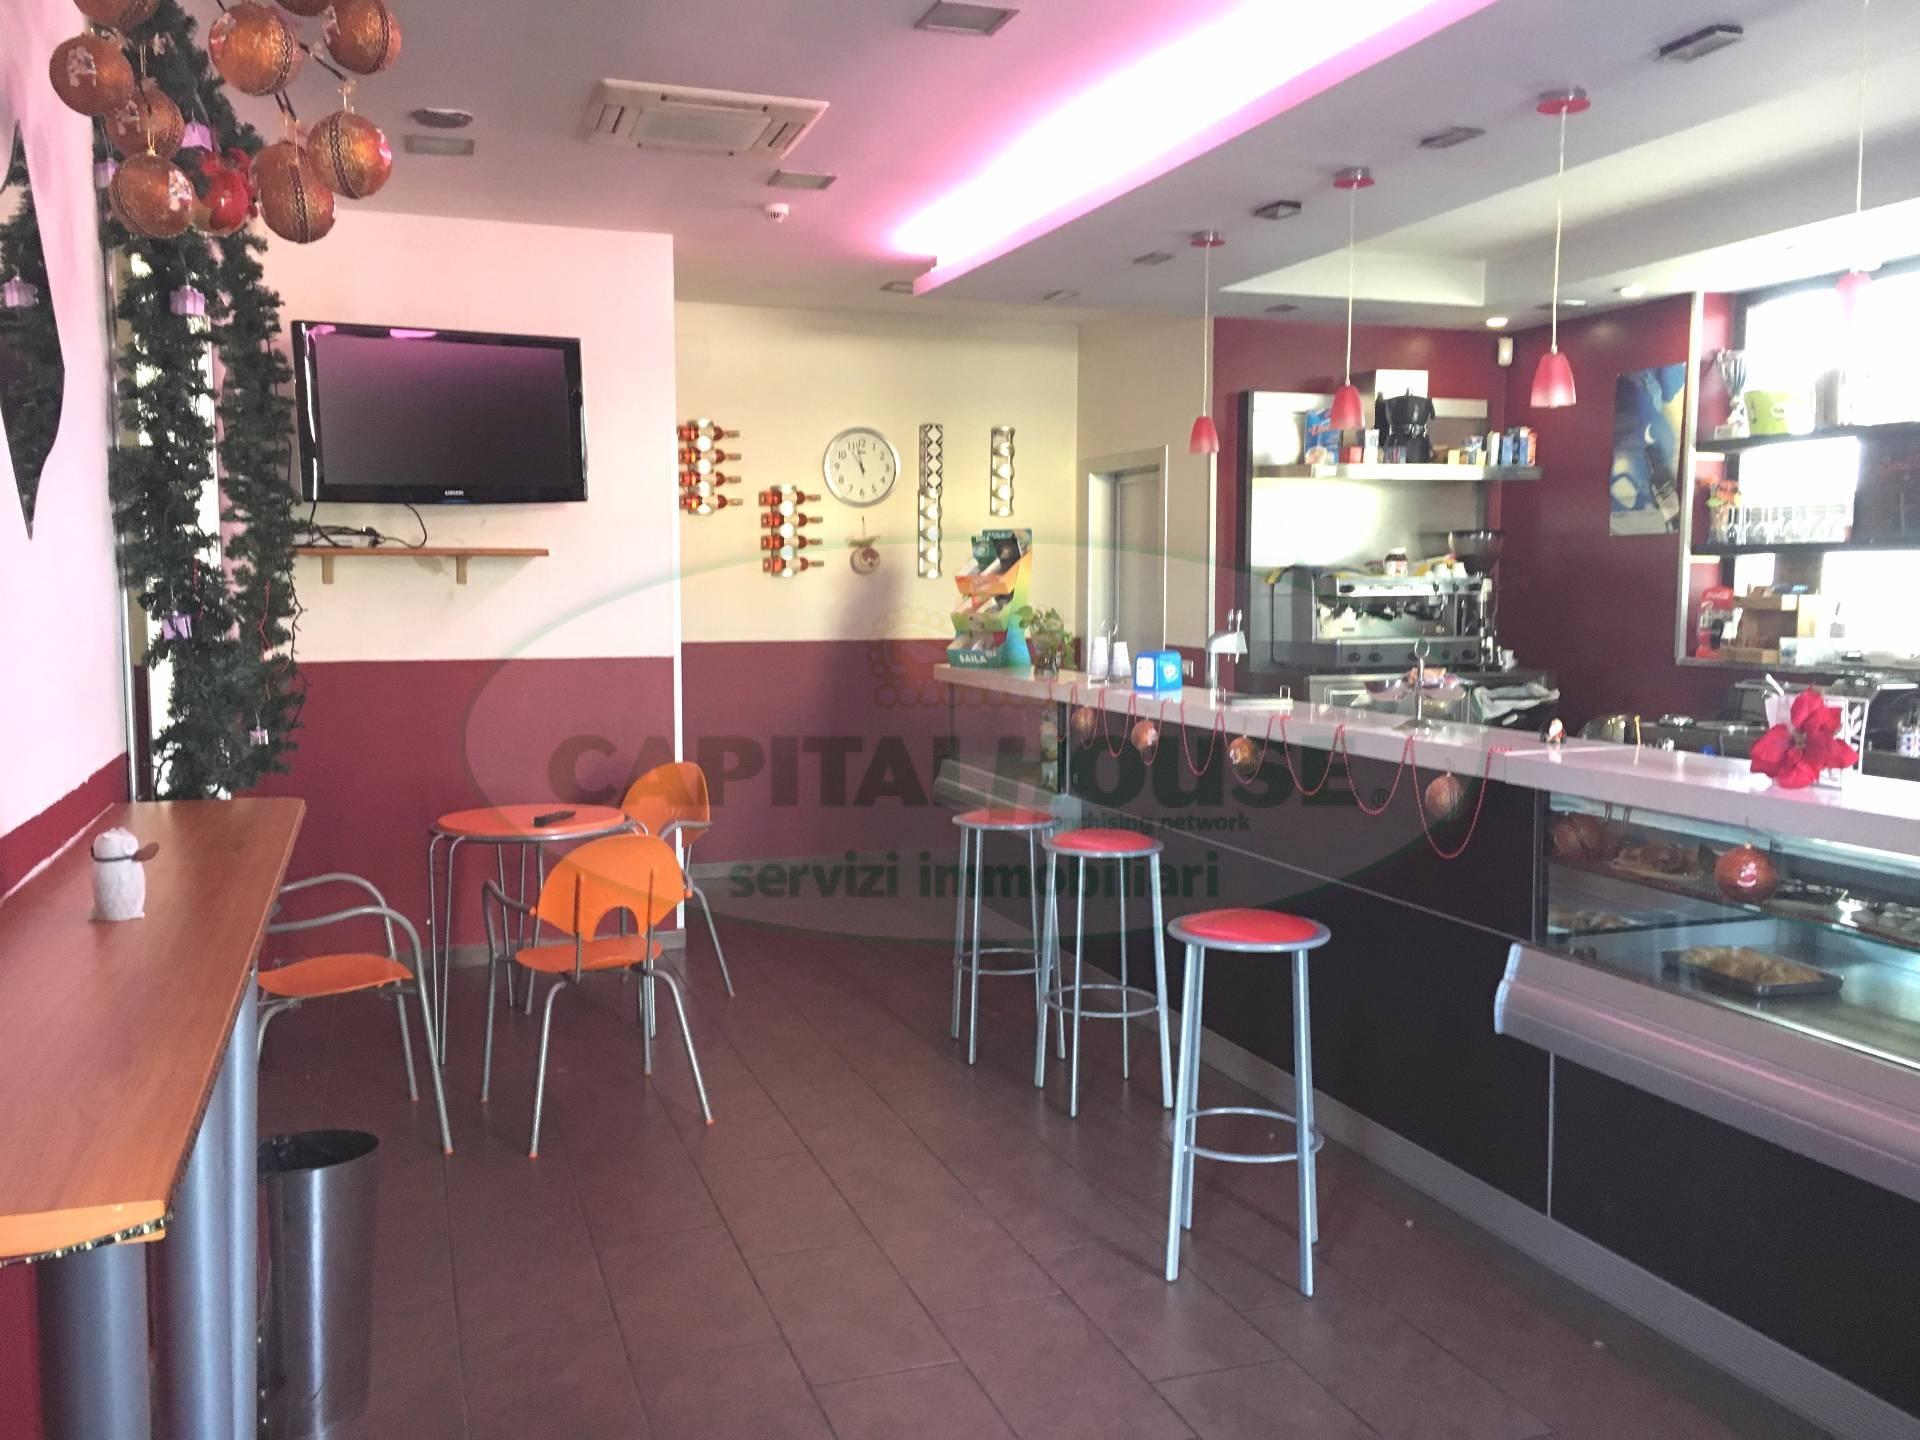 Negozio / Locale in vendita a Aiello del Sabato, 9999 locali, zona Zona: Sabina, prezzo € 110.000 | Cambio Casa.it